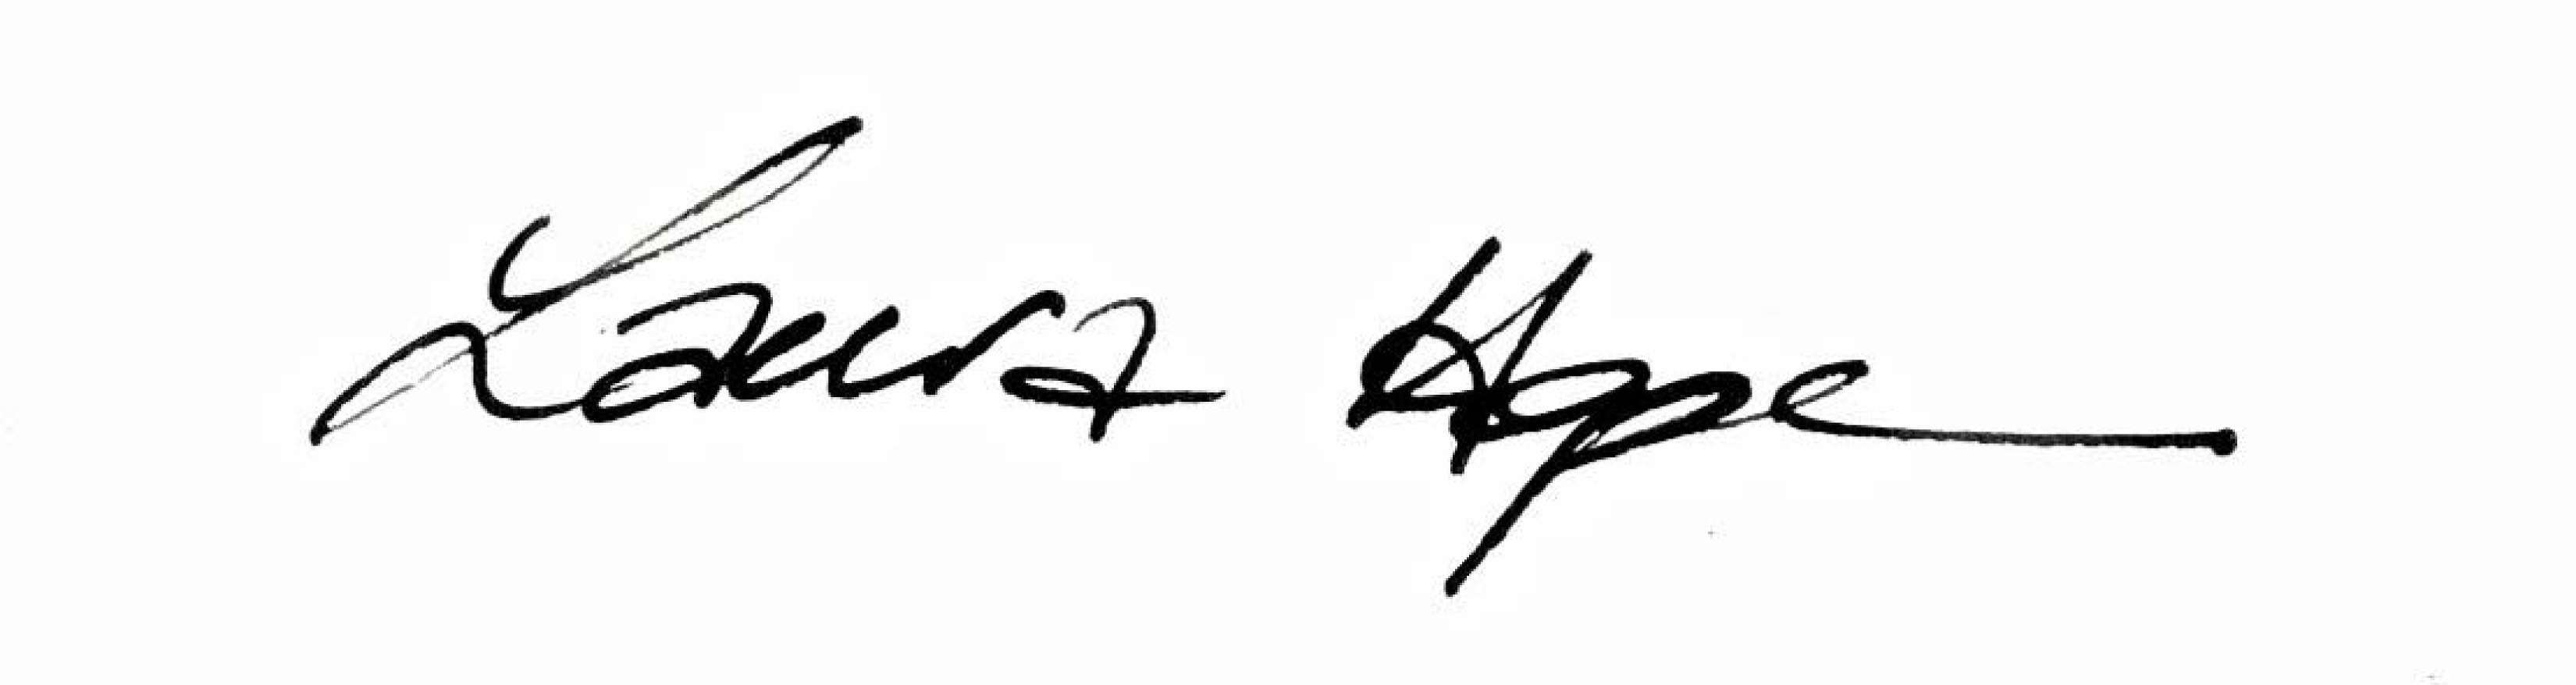 Laura Hope Selbie's Signature